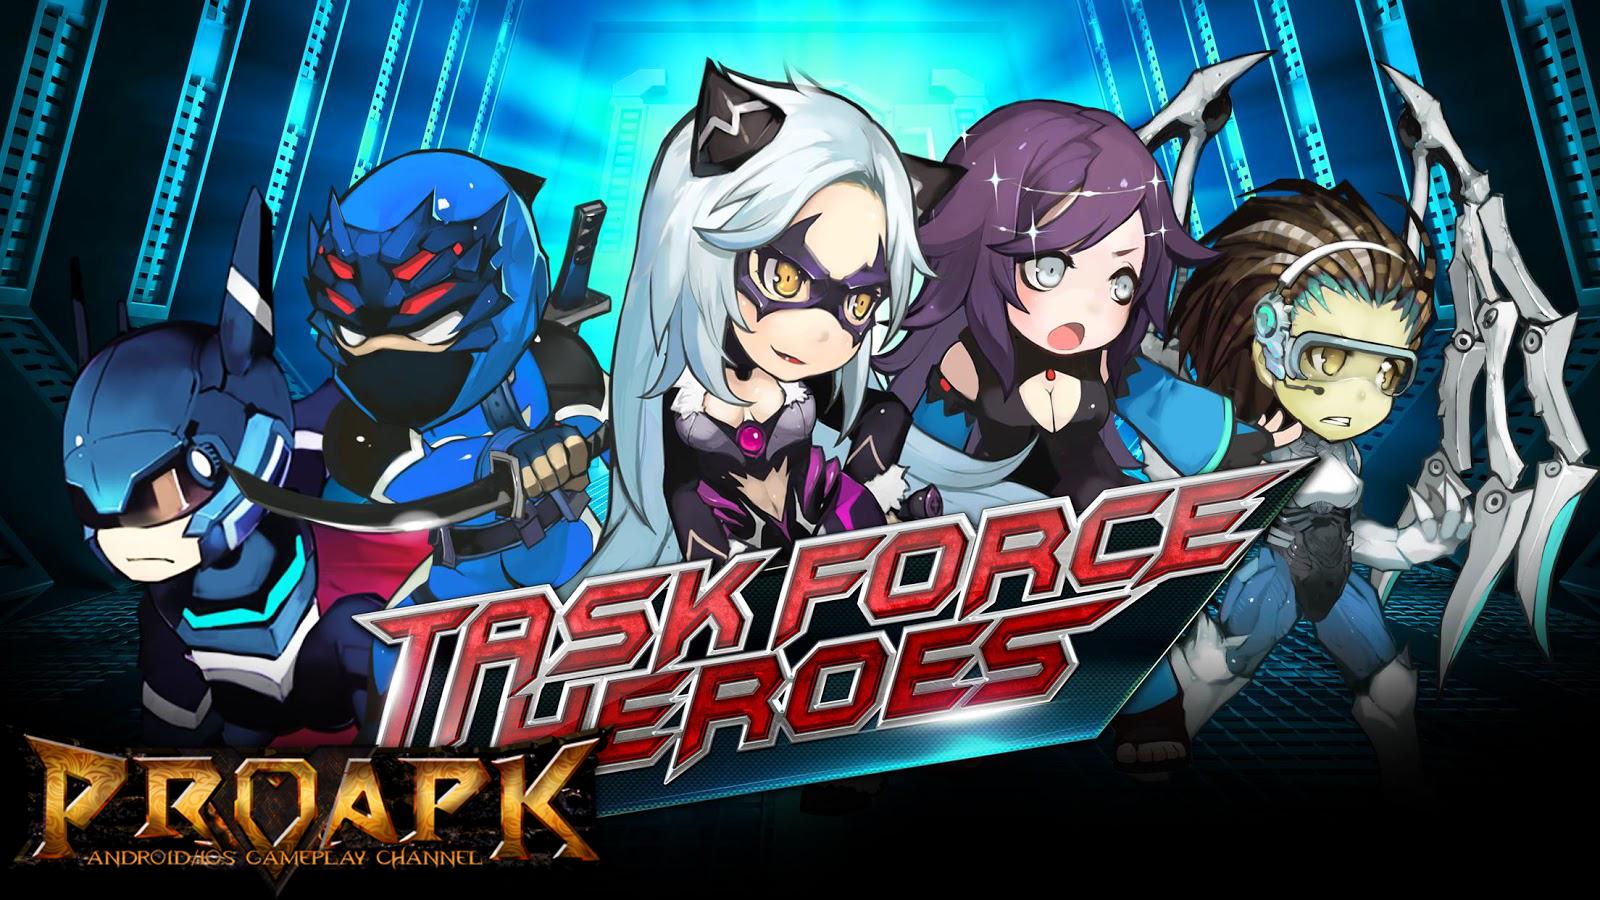 Task Force Heroes